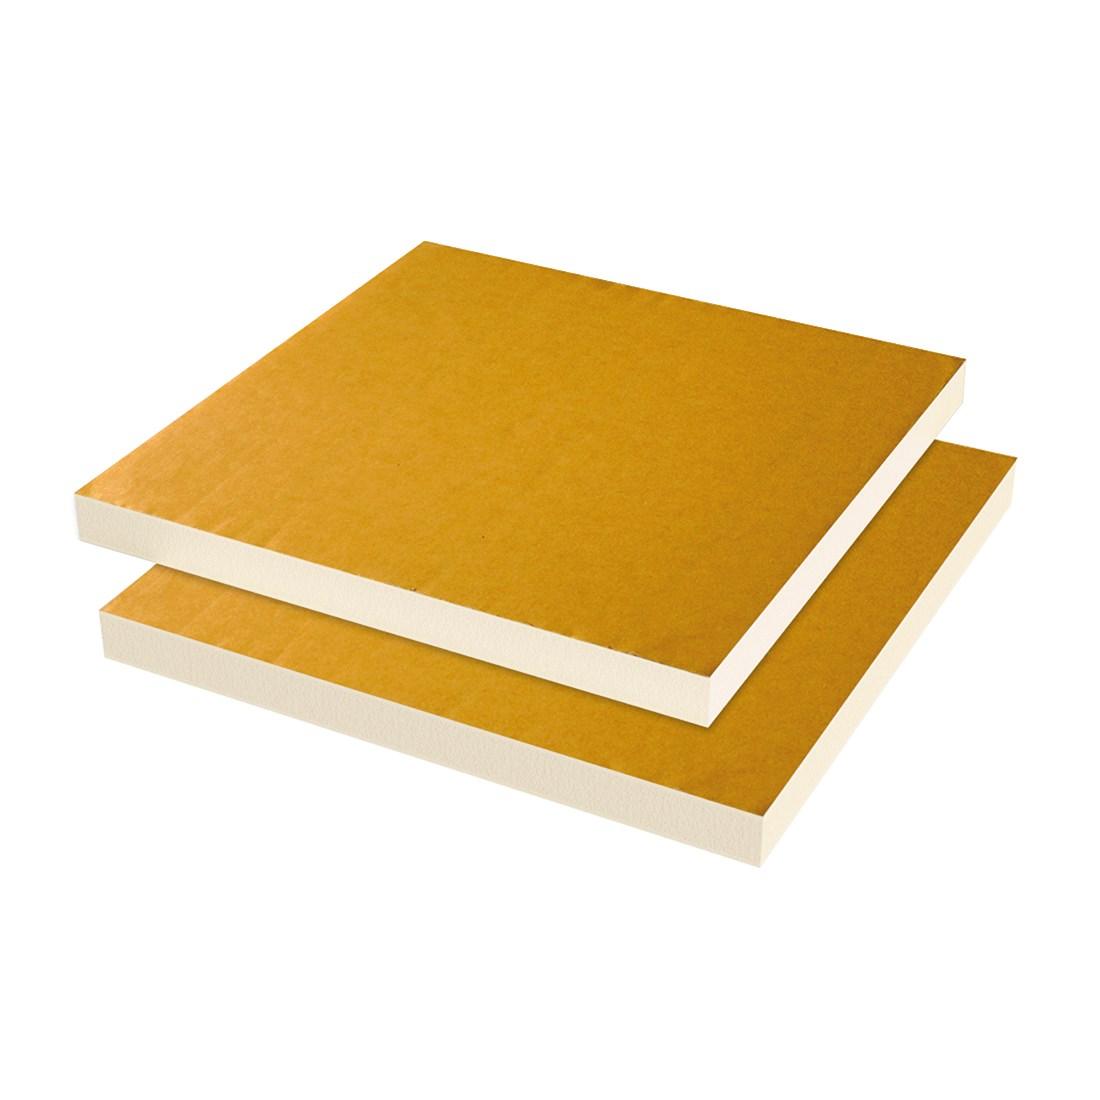 Vikufoam SKS PS Schuimplaat 2 zijd klevend 3000x1500x20mm